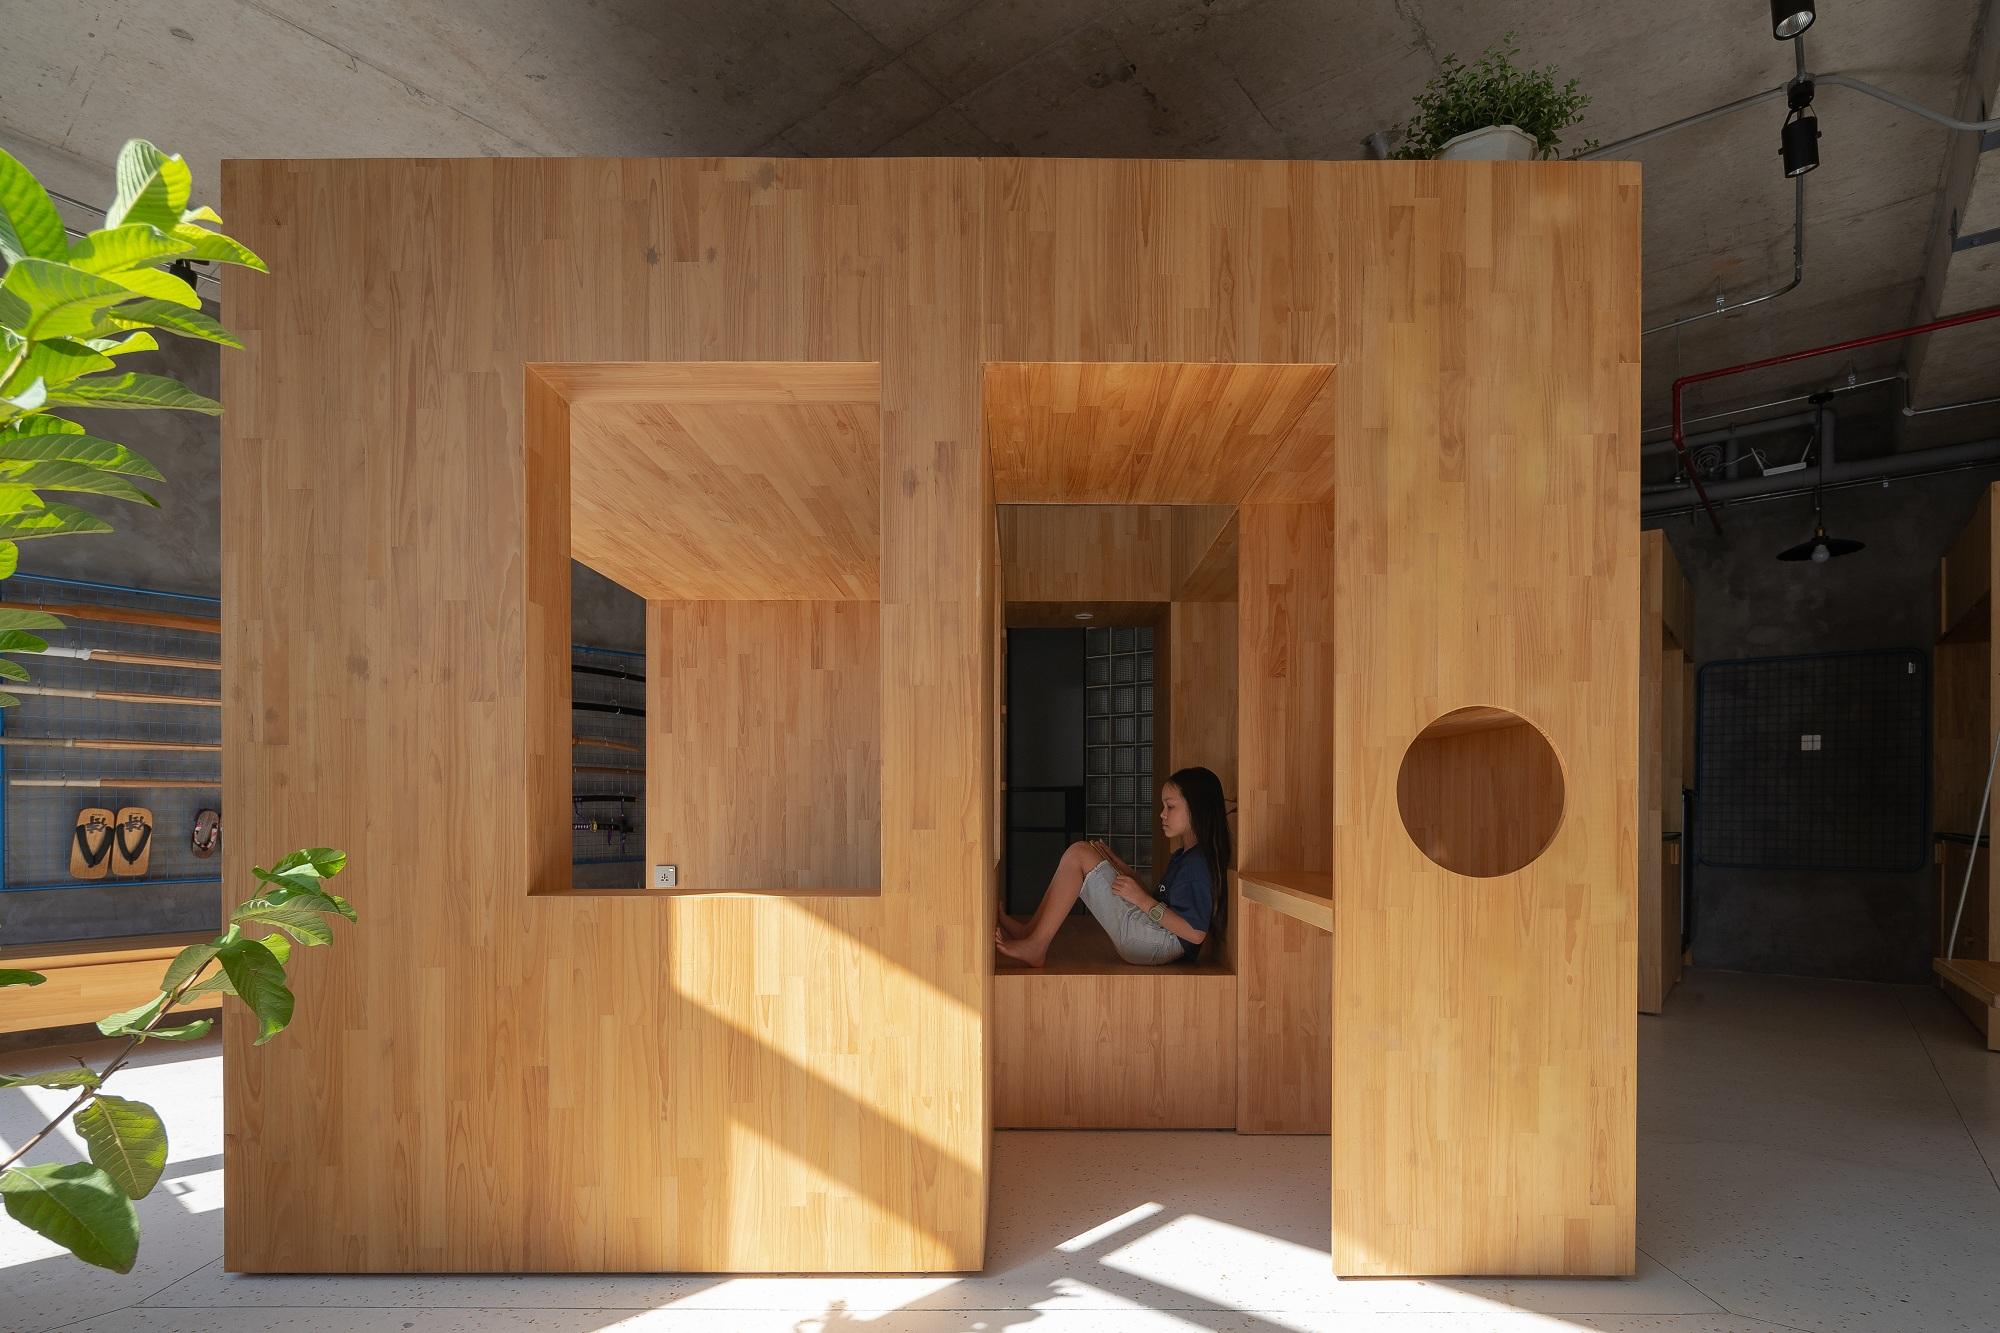 Chiếc hộp đặt giữa căn hộ với nhiều chức năng.